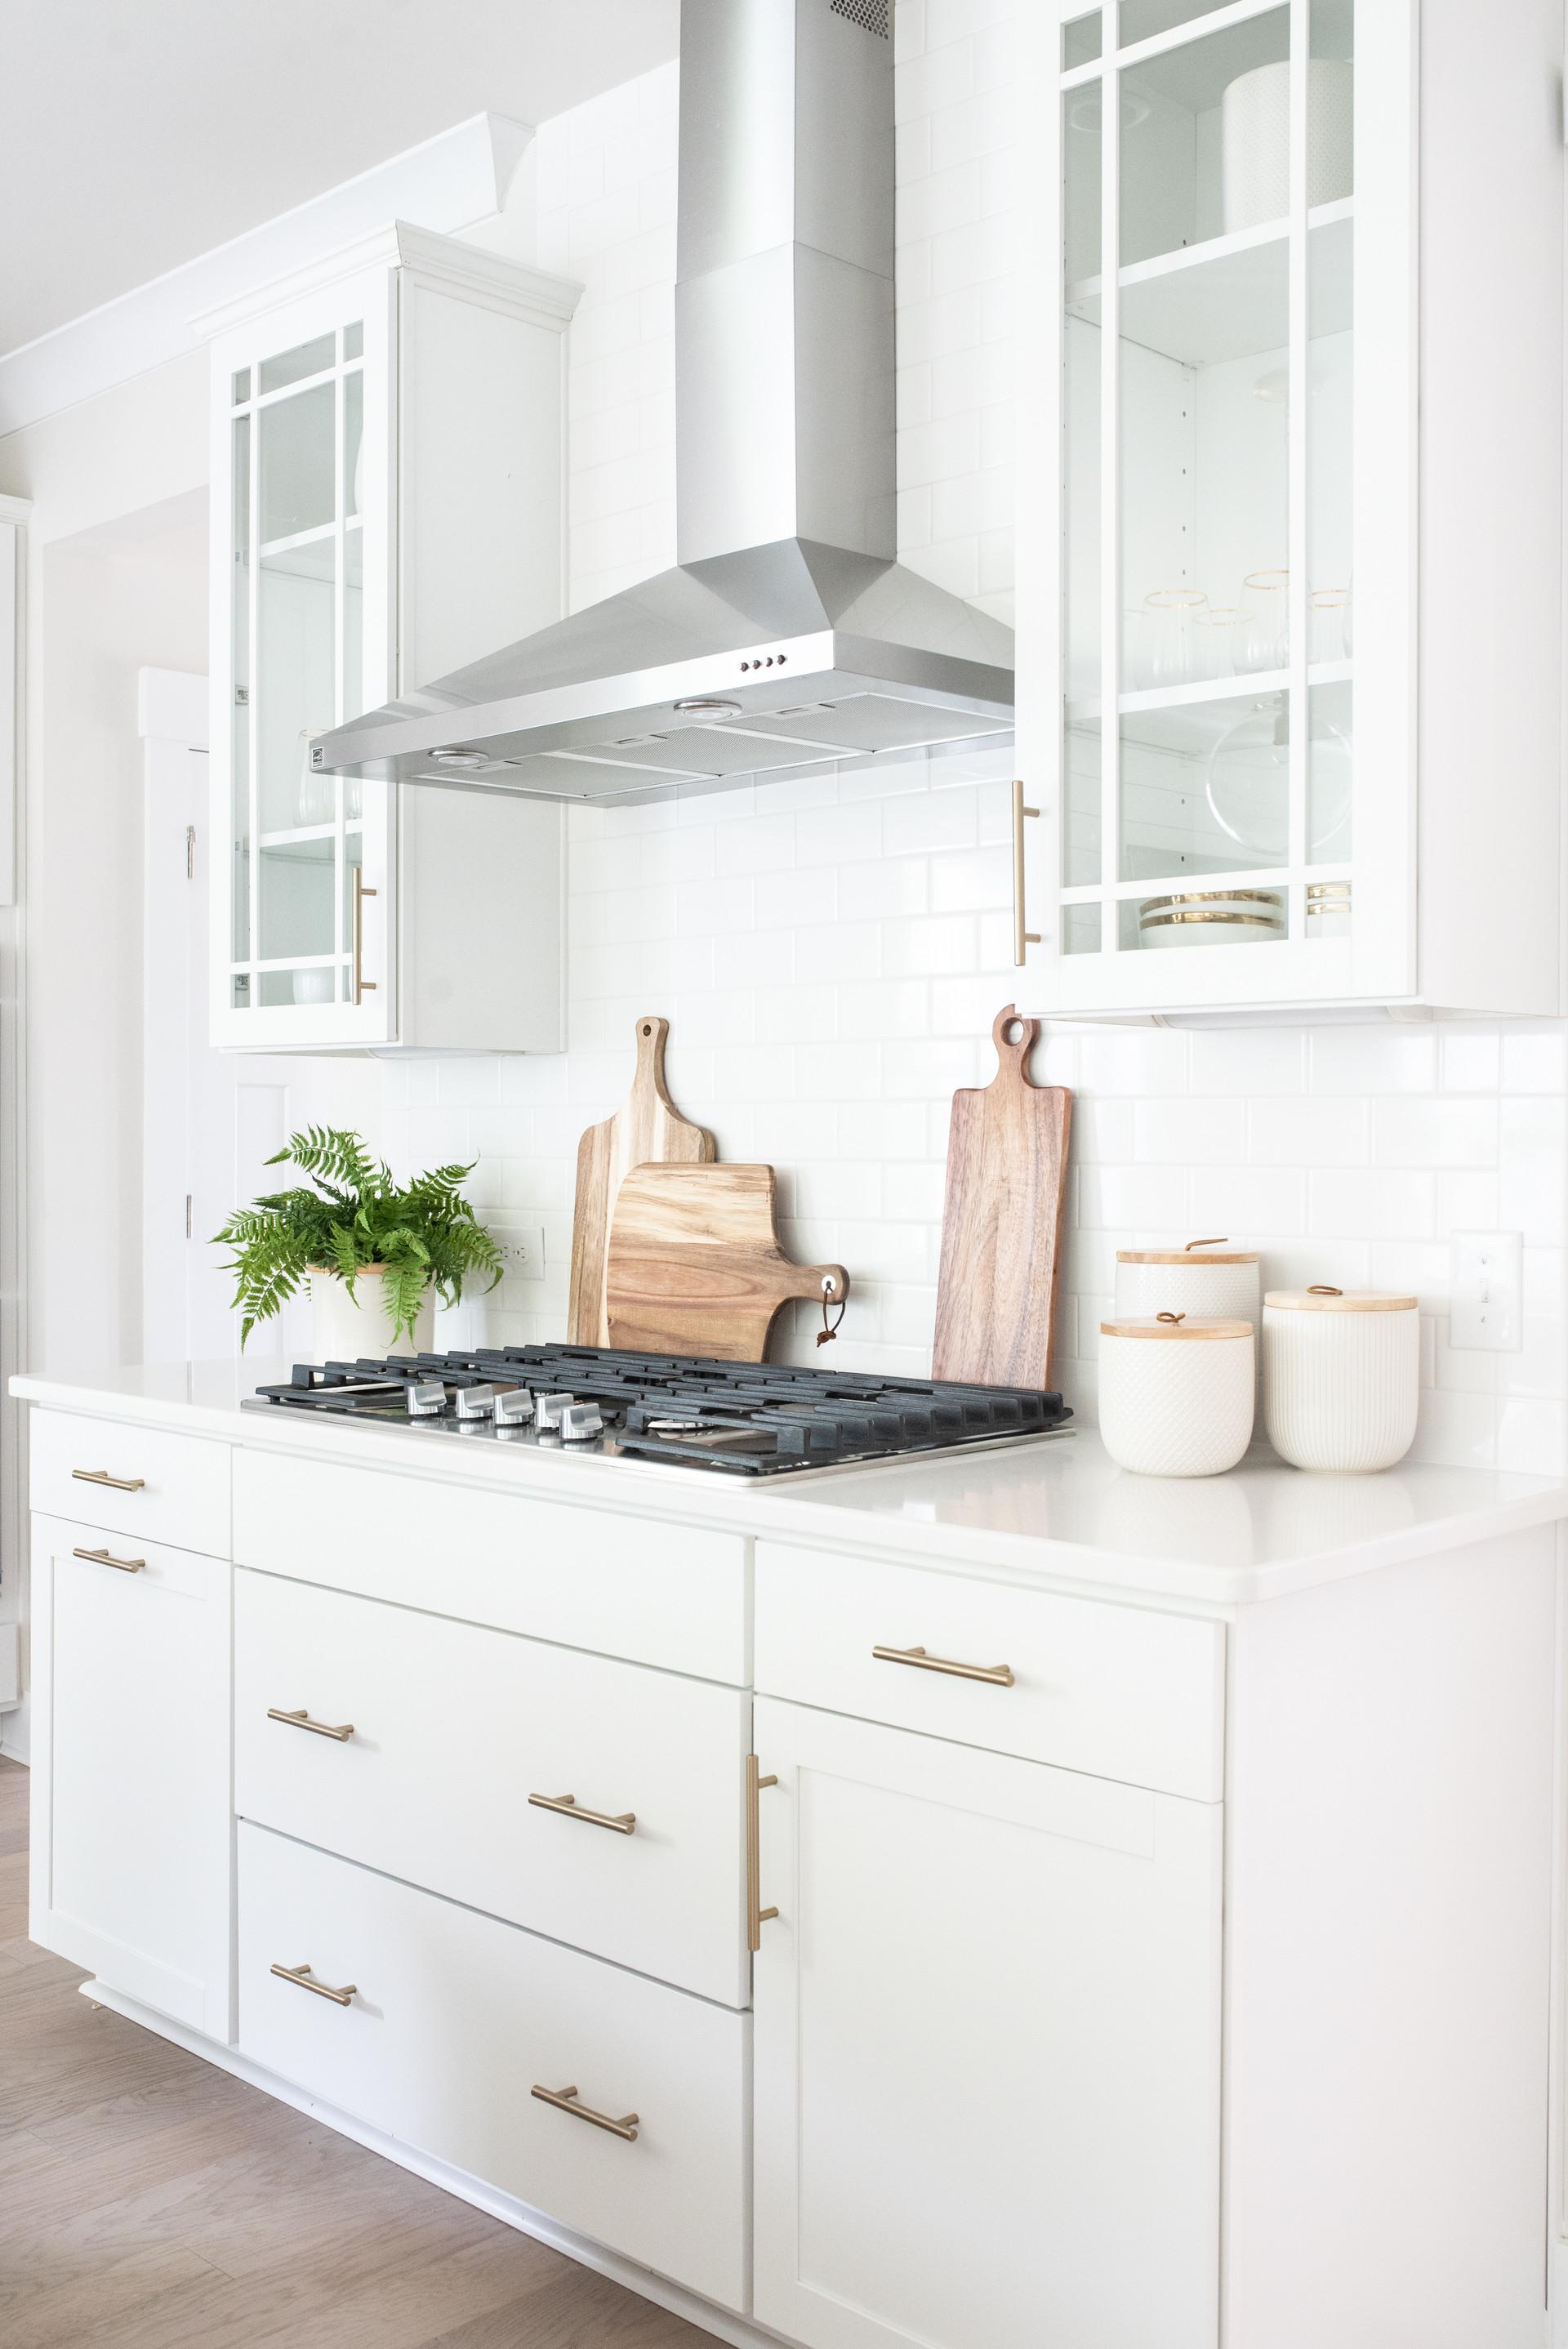 Perch-DI-Home-Kitchen-19.jpg